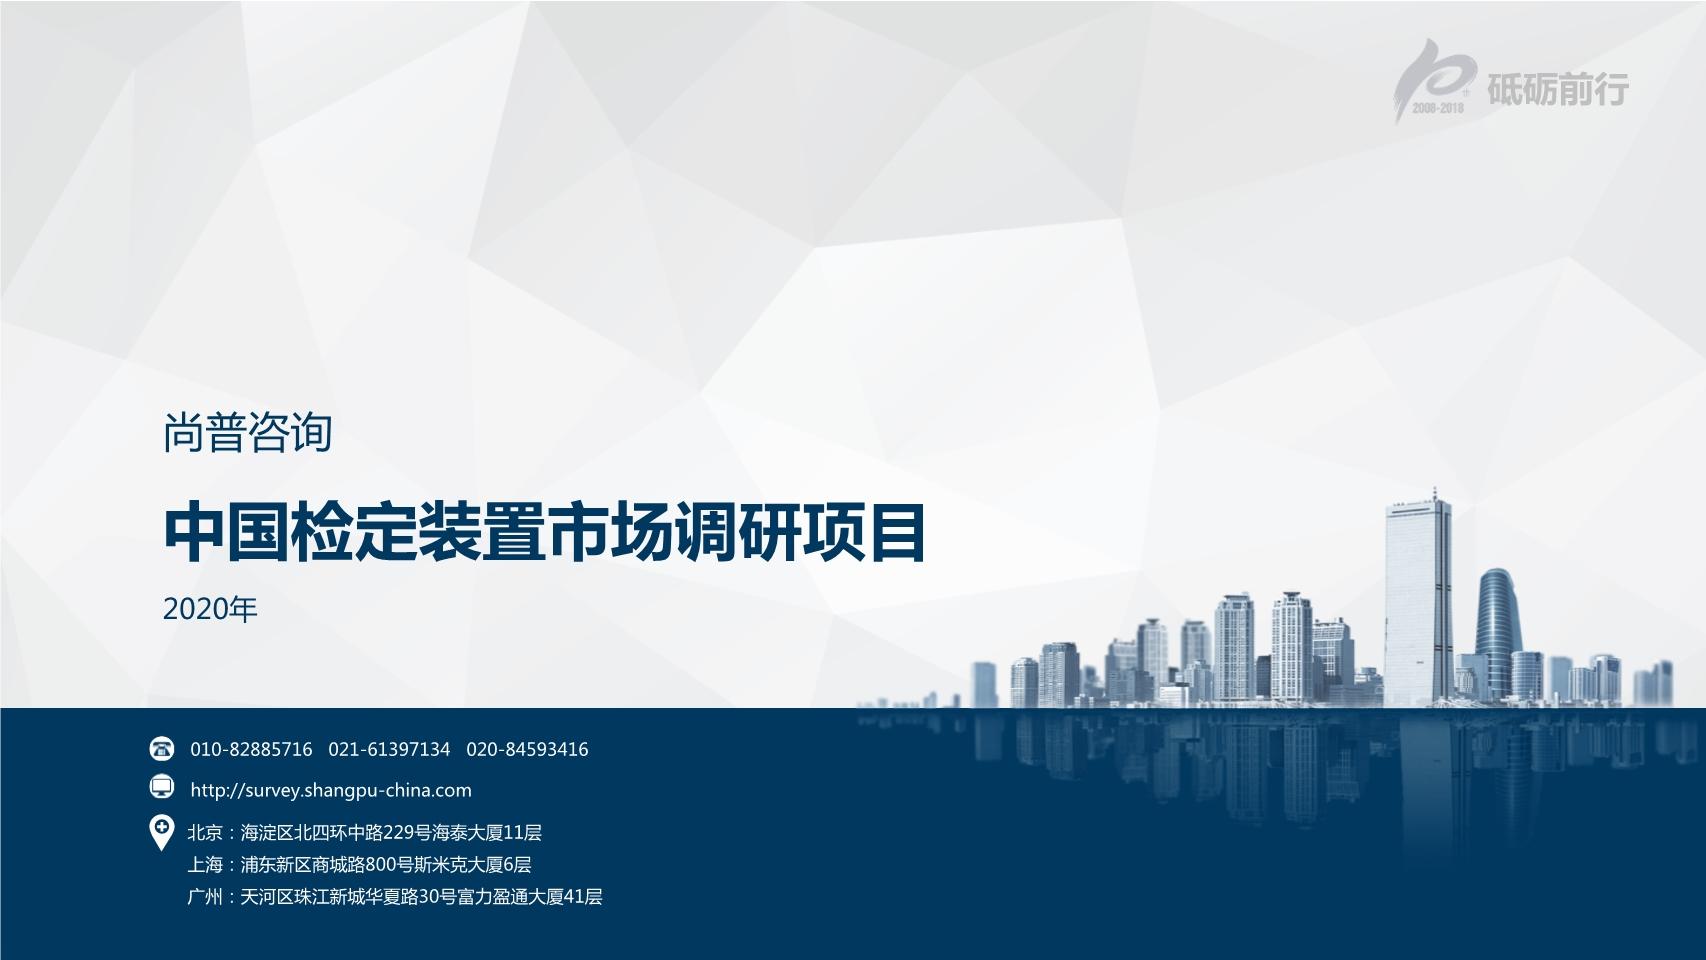 尚普咨询-2020年中国检定装置行业市场调研